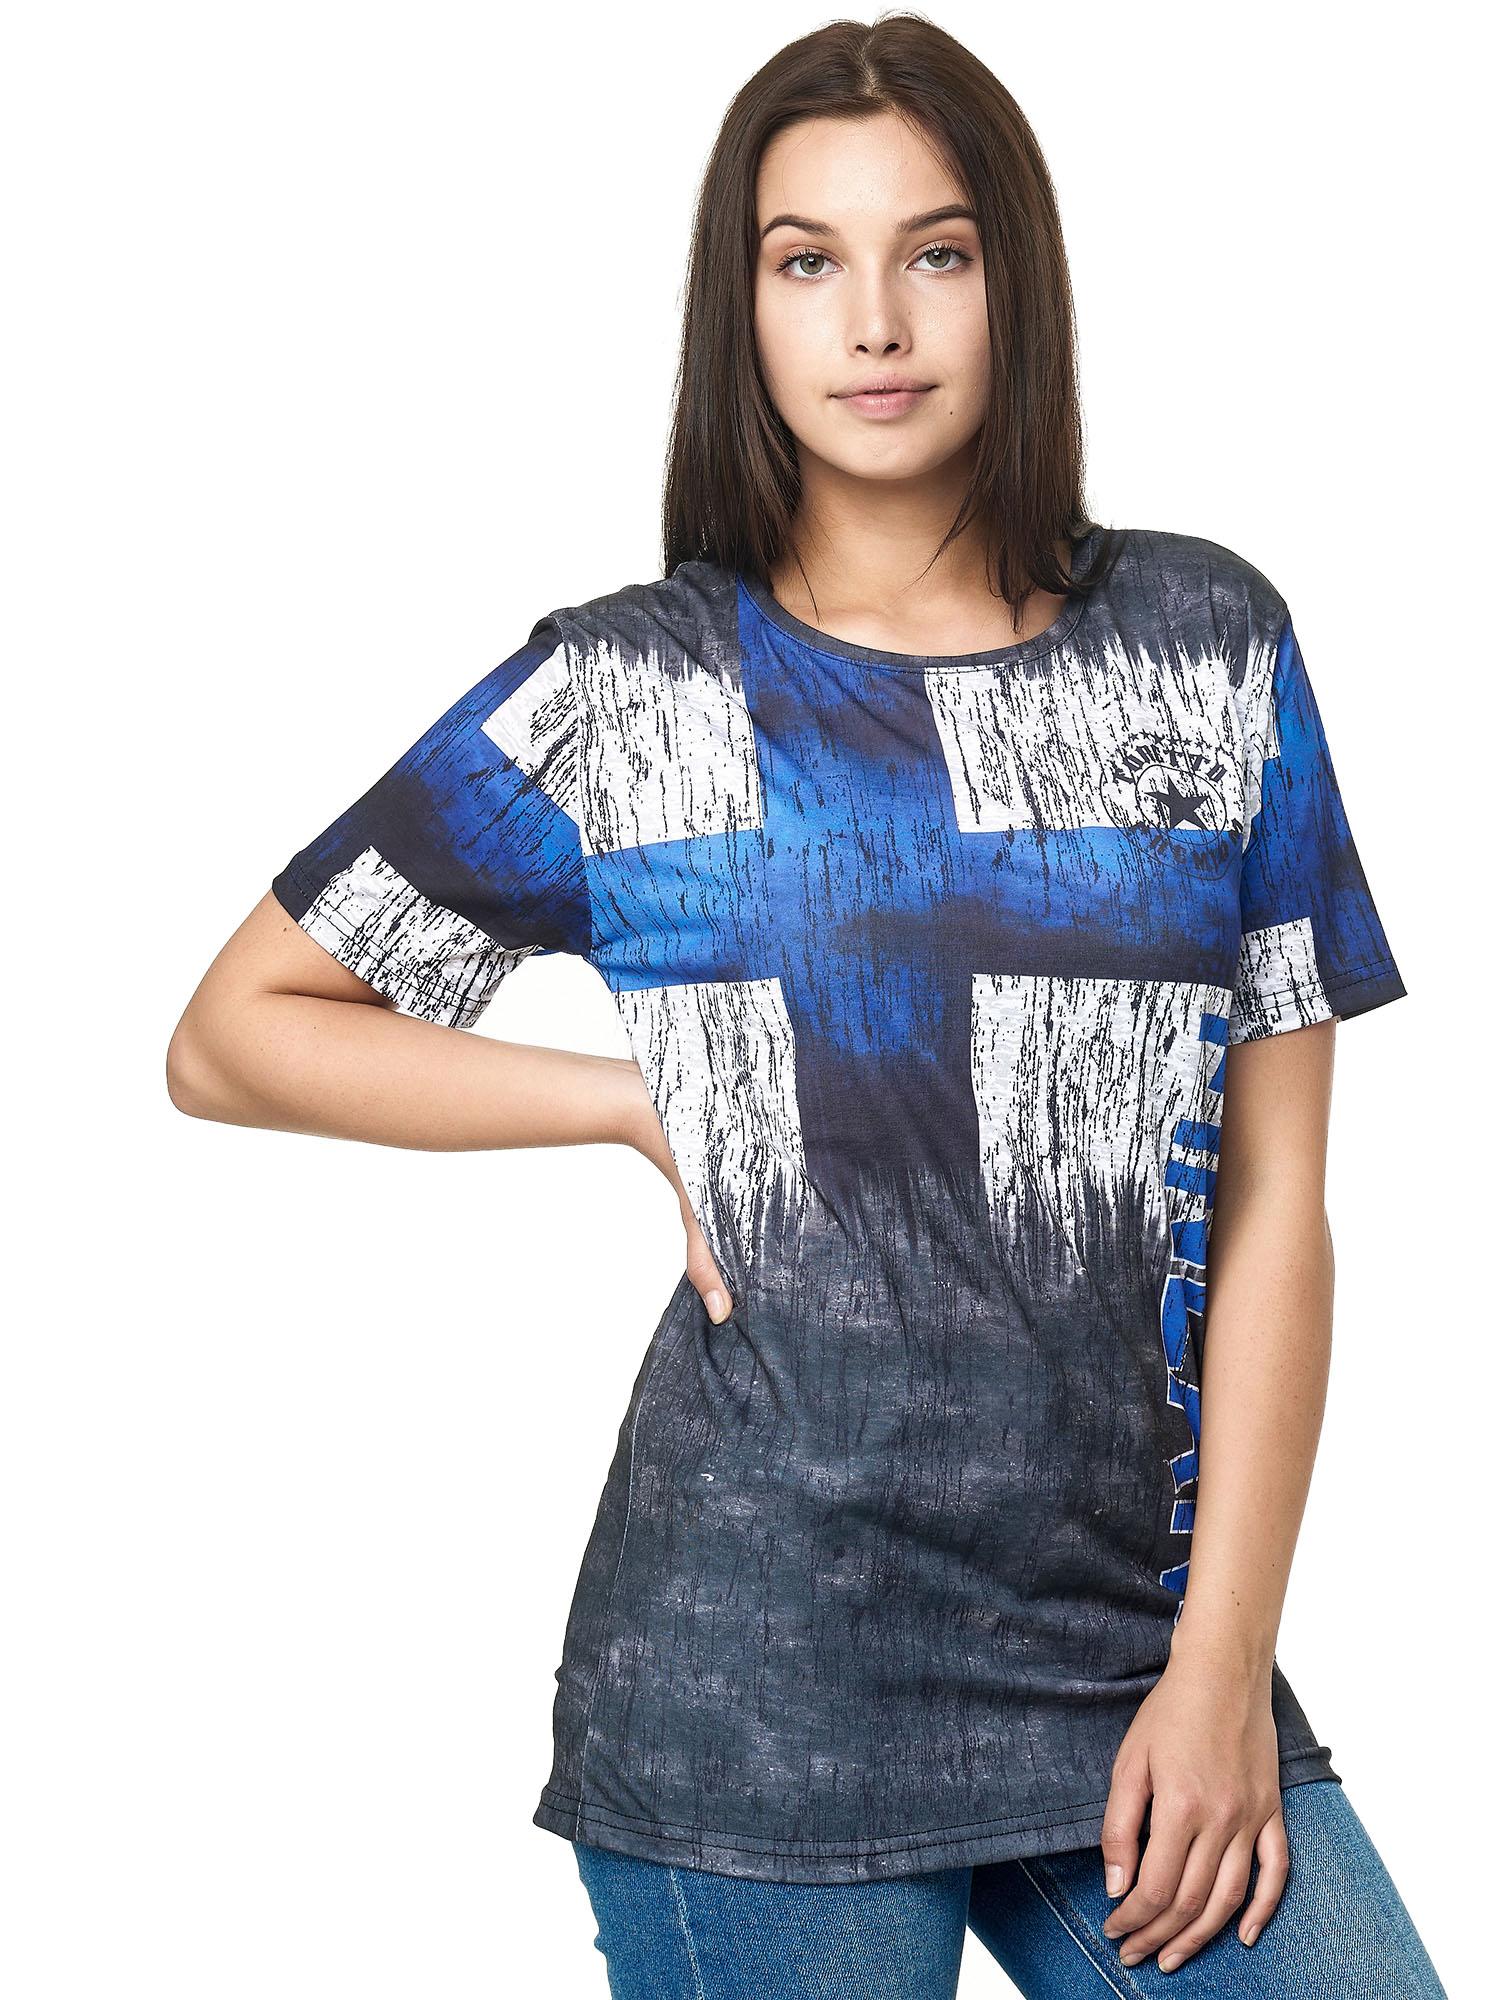 Paesi-da-Donna-T-shirt-A-Maniche-Corte-Girocollo-donne-CALCIO-Fanshirt-John-Kayna miniatura 44